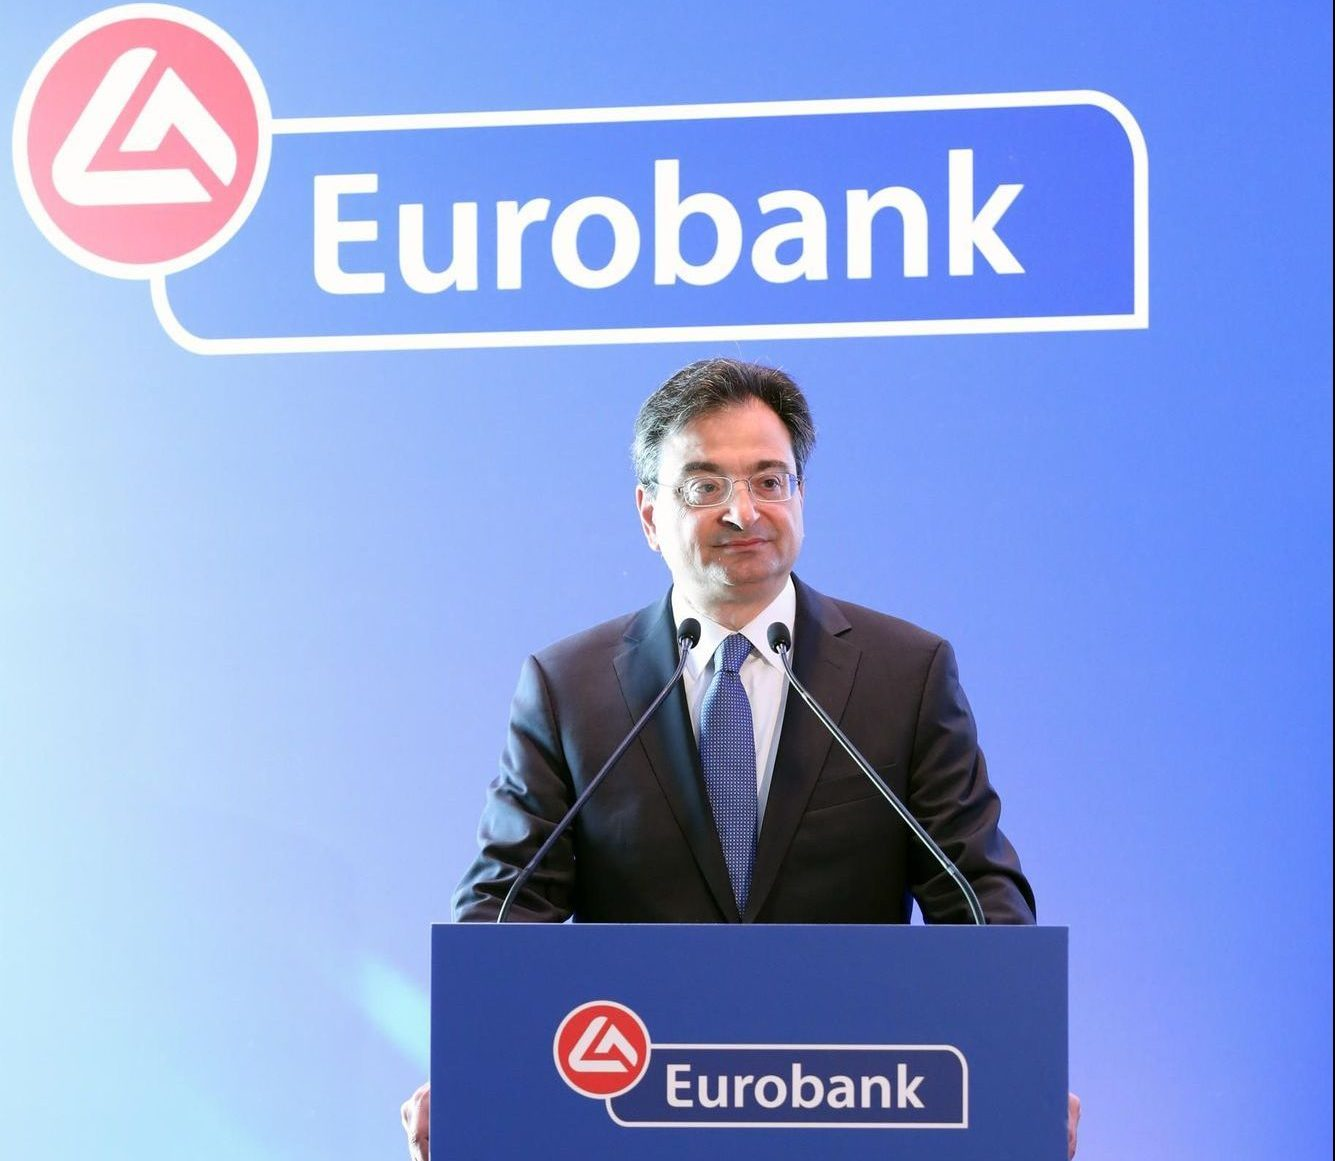 Φωκίων Καραβίας. Διευθύνων Σύμβουλος Eurobank